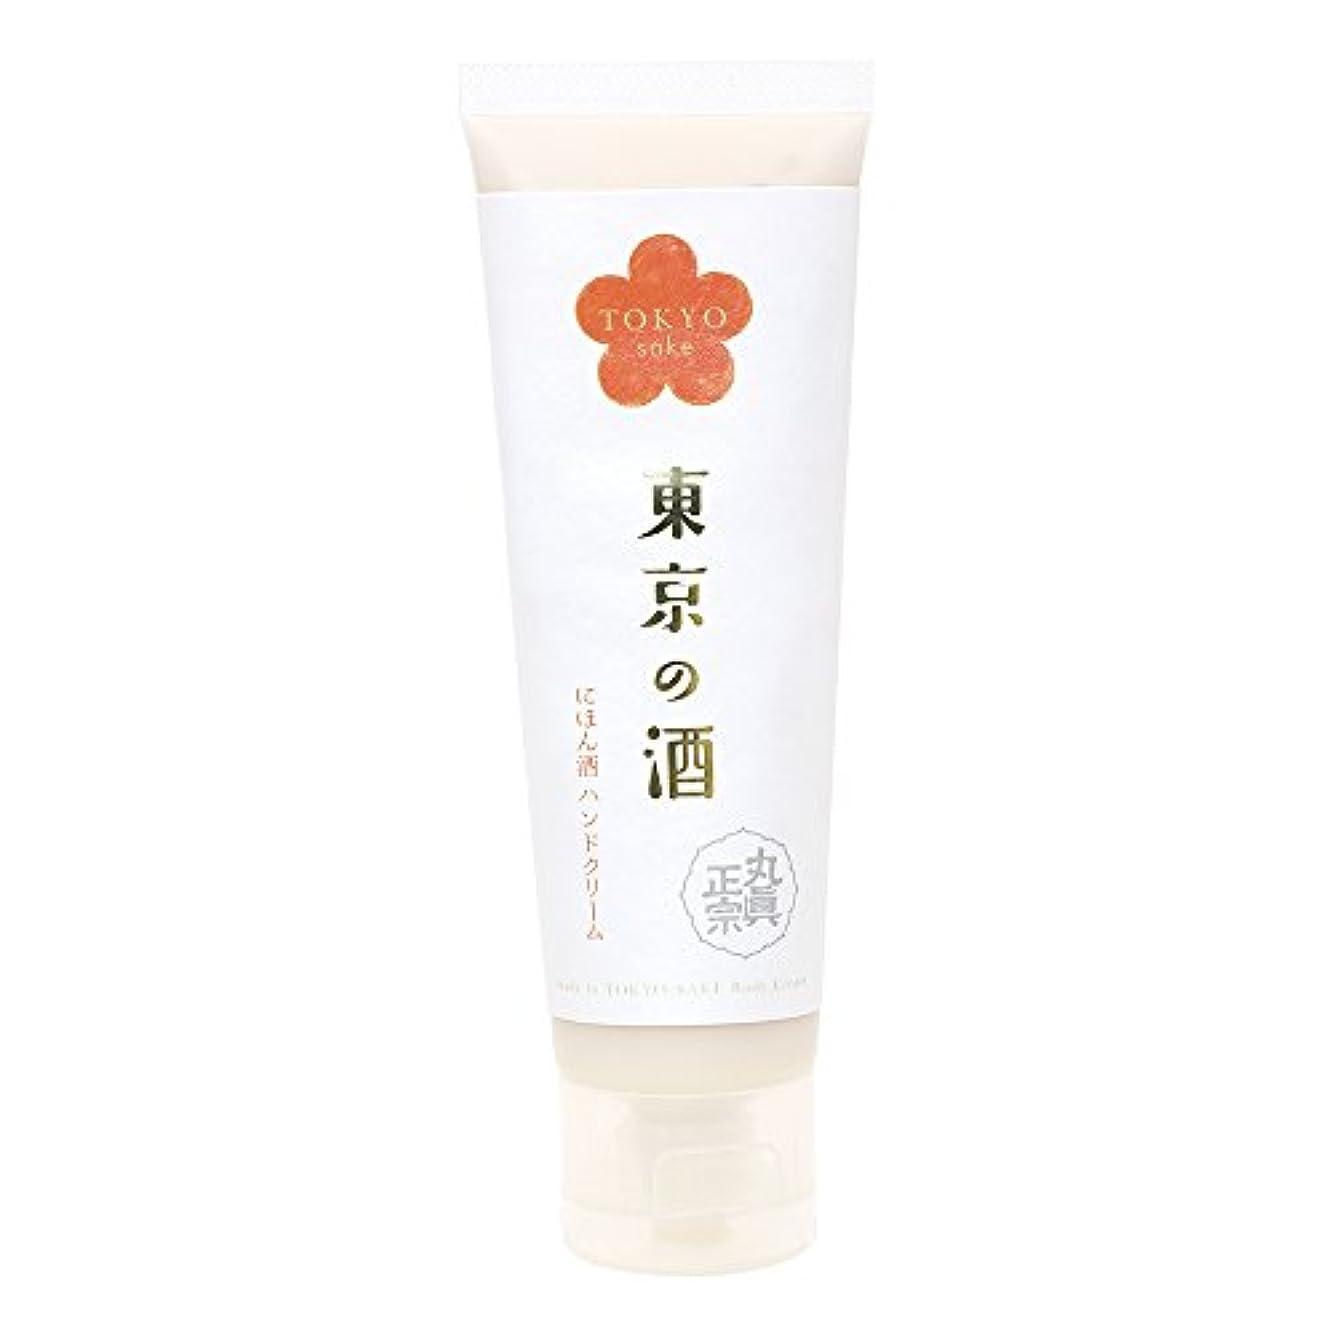 別れるクレア二週間ノルコーポレーション 東京の酒 ハンドクリーム OB-TKY-2-1 65~70g